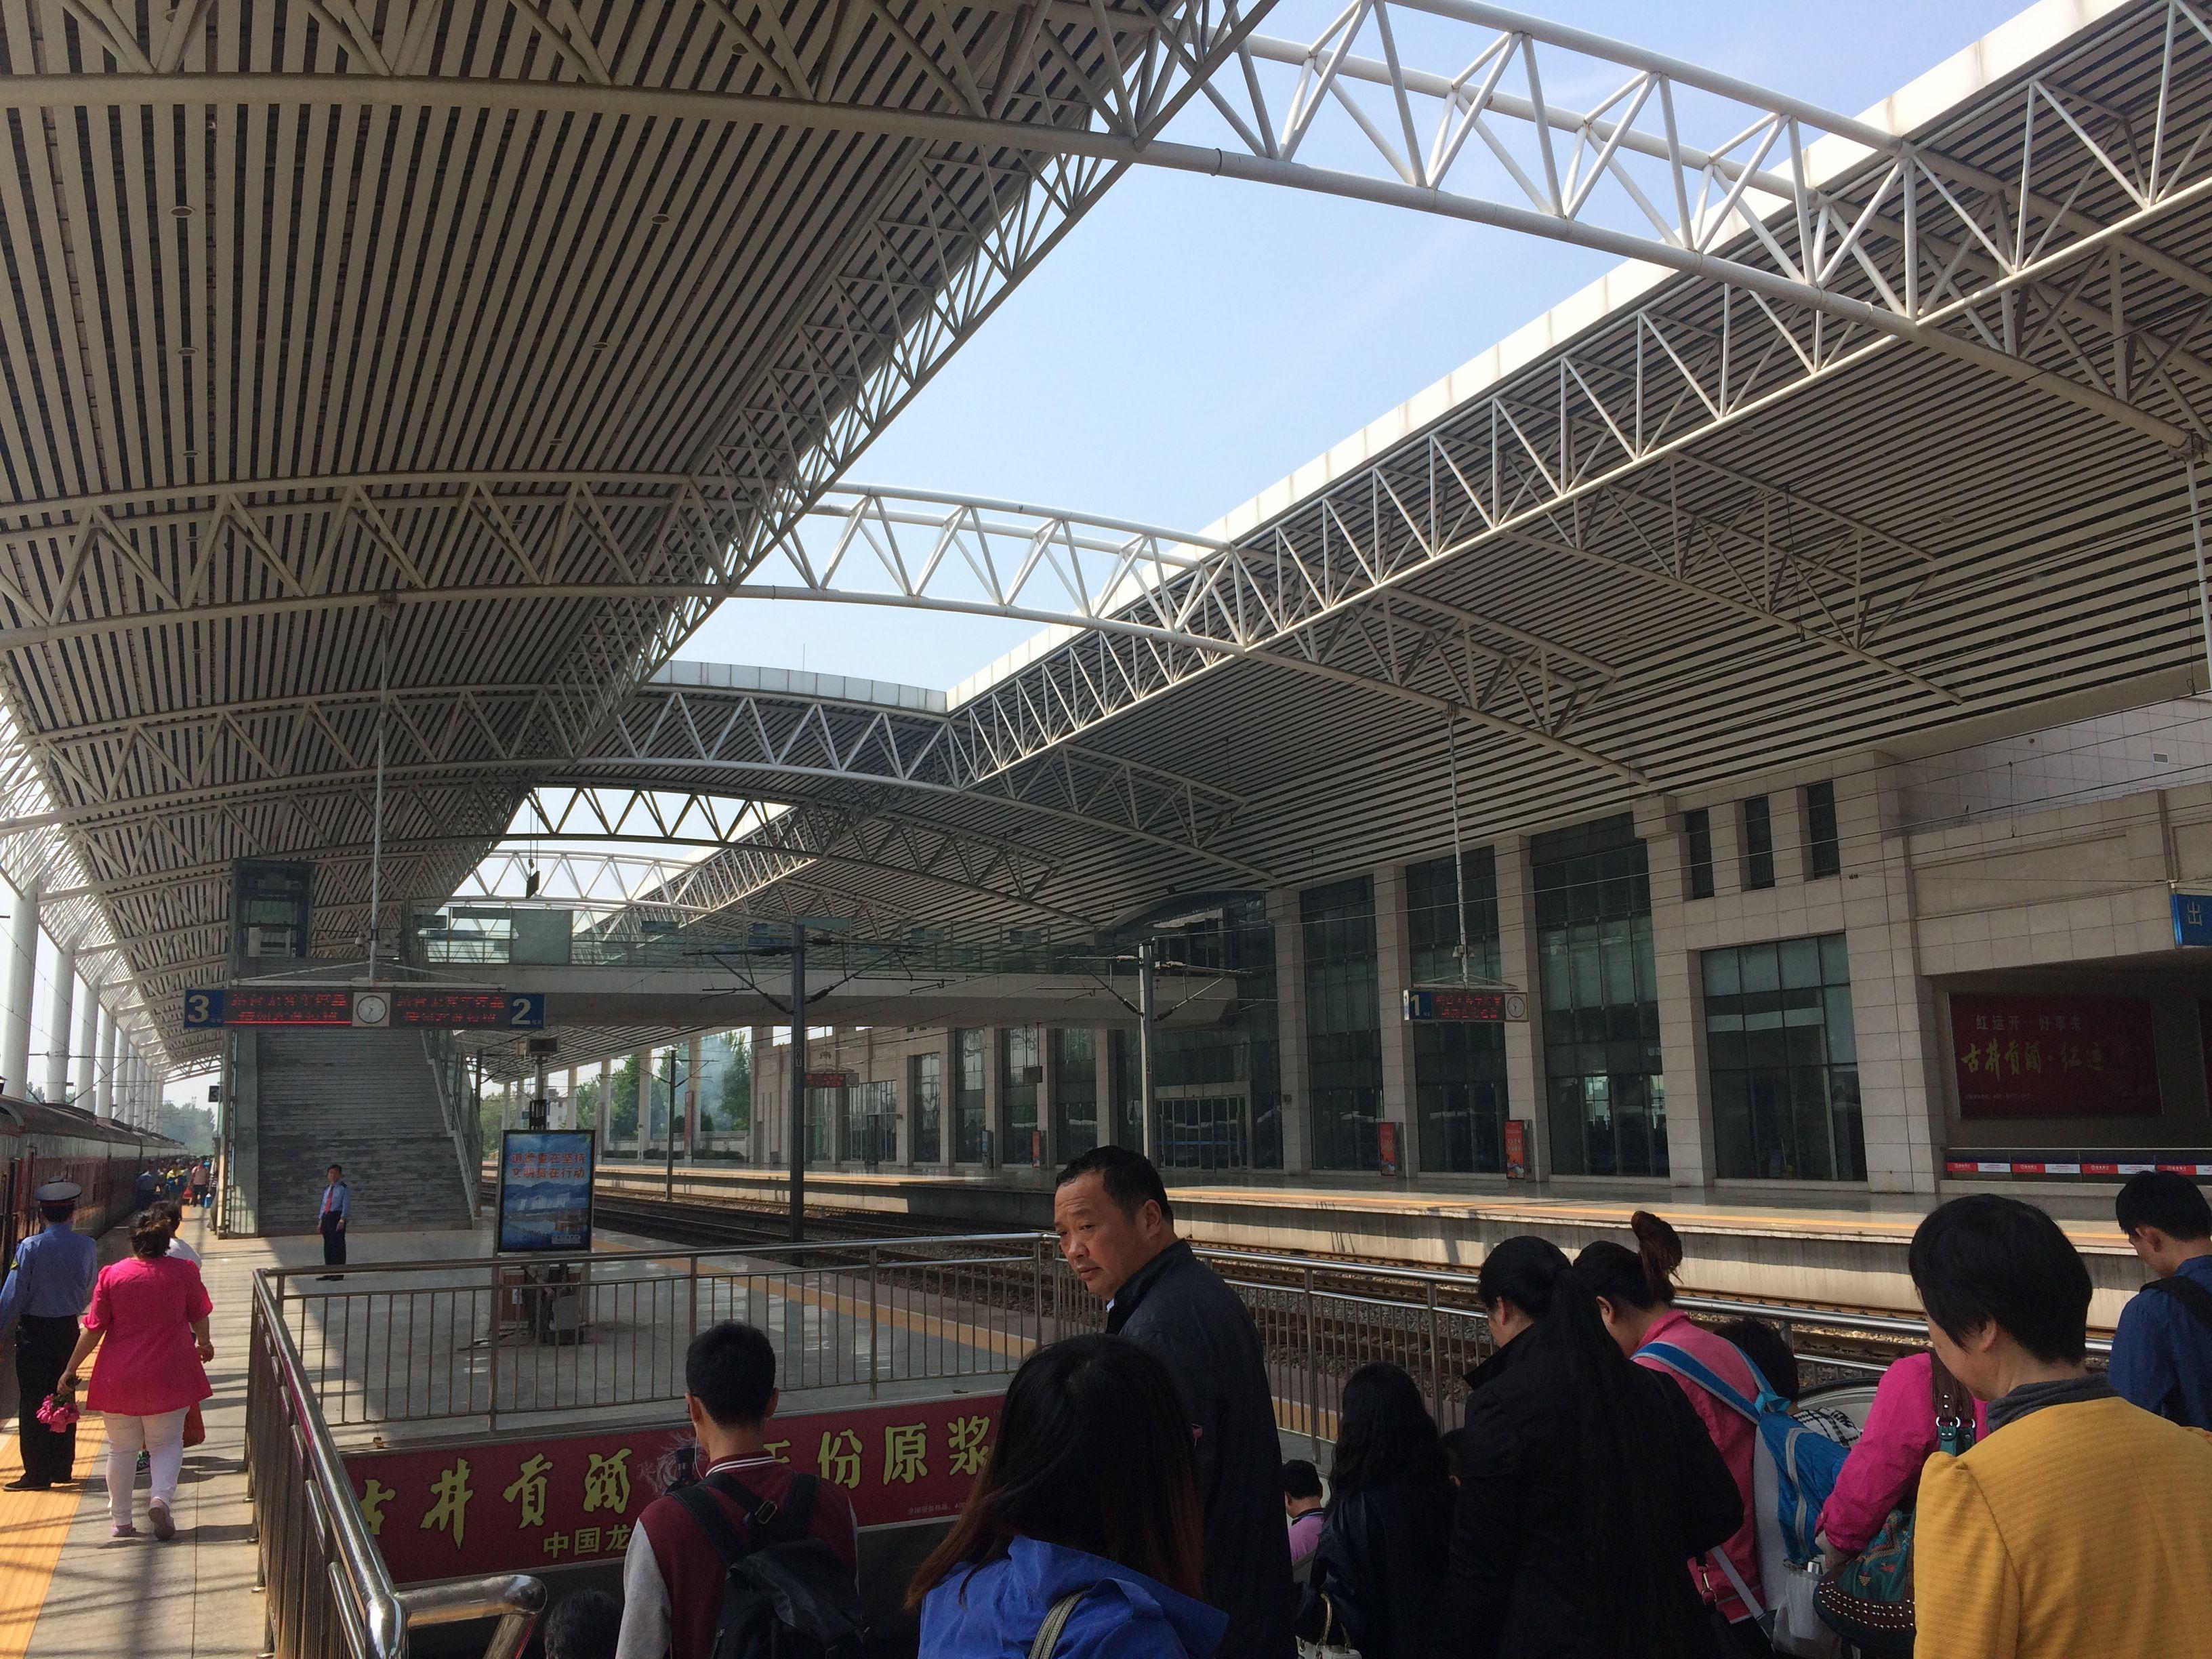 Bozhou Train Station, 2015